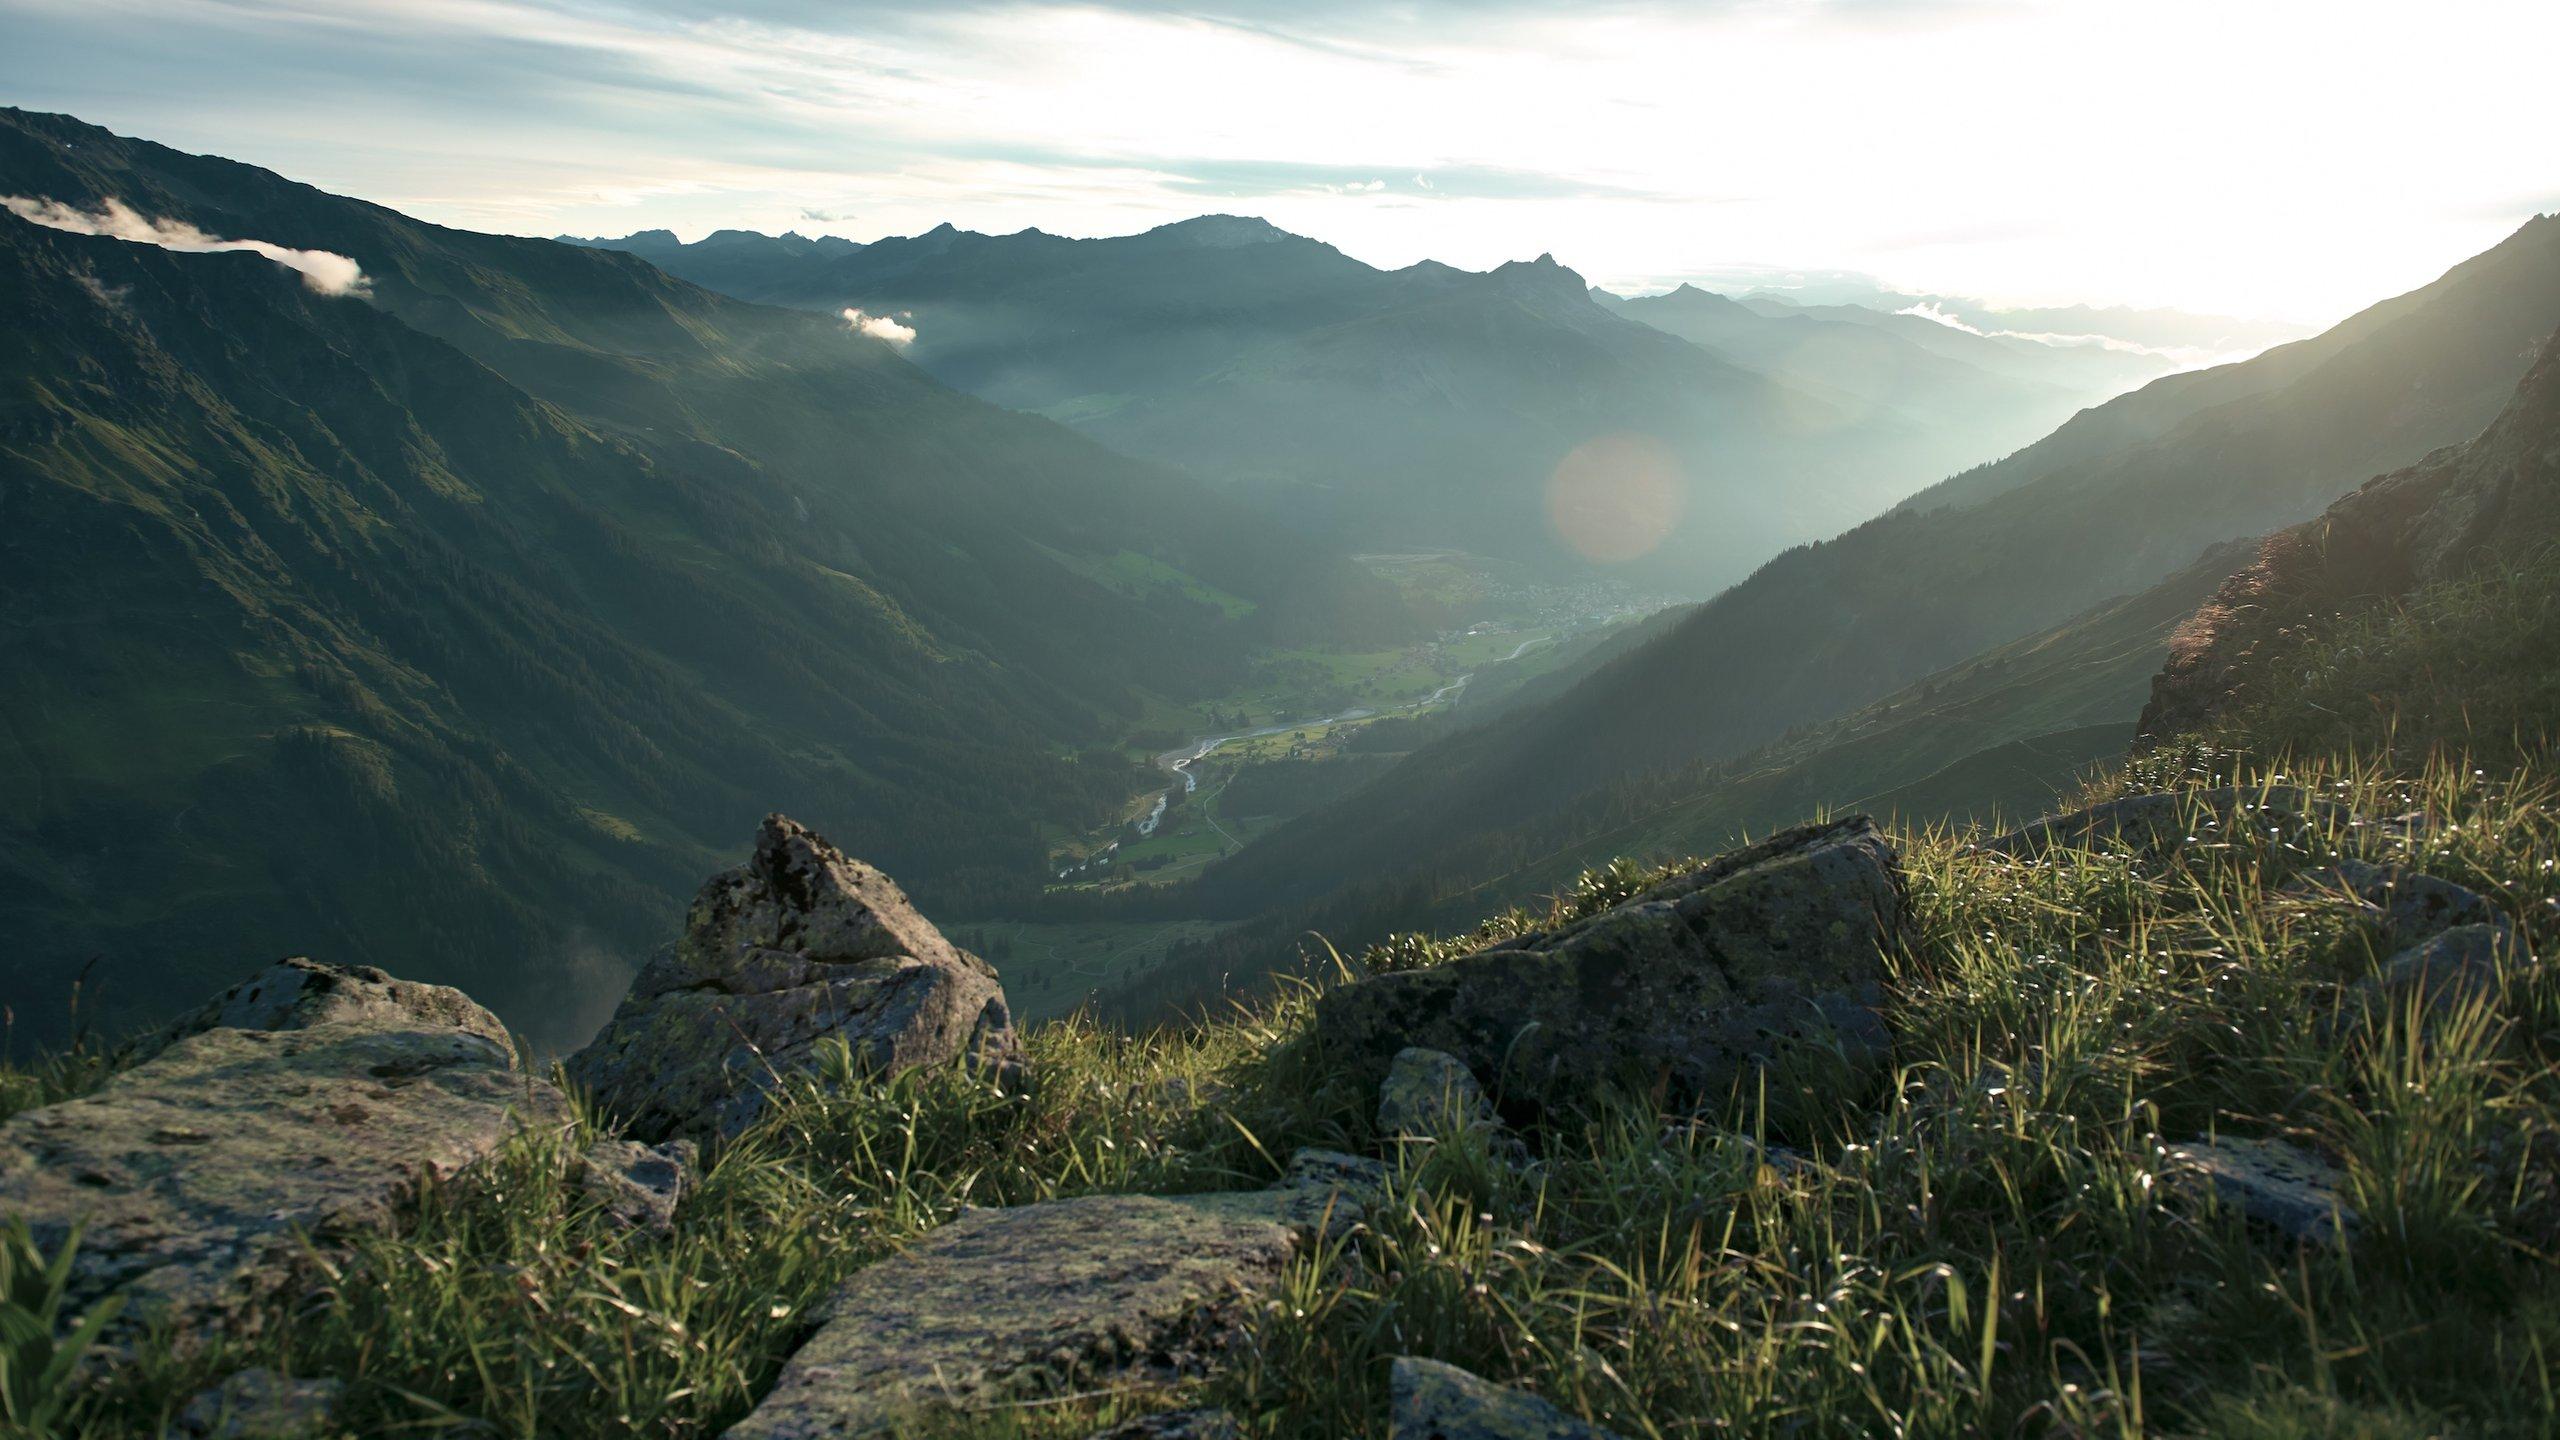 Klosters-Serneus, Graubuenden, Switzerland